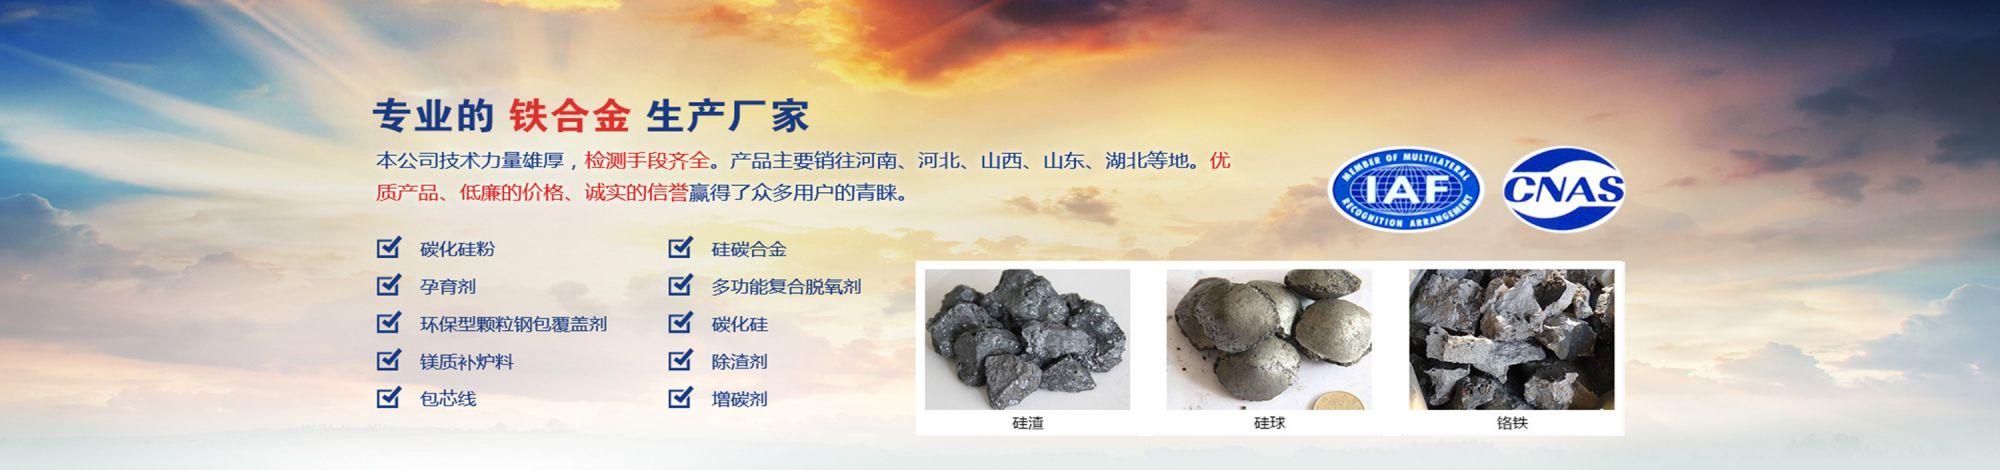 安阳华拓冶金有限责任公司